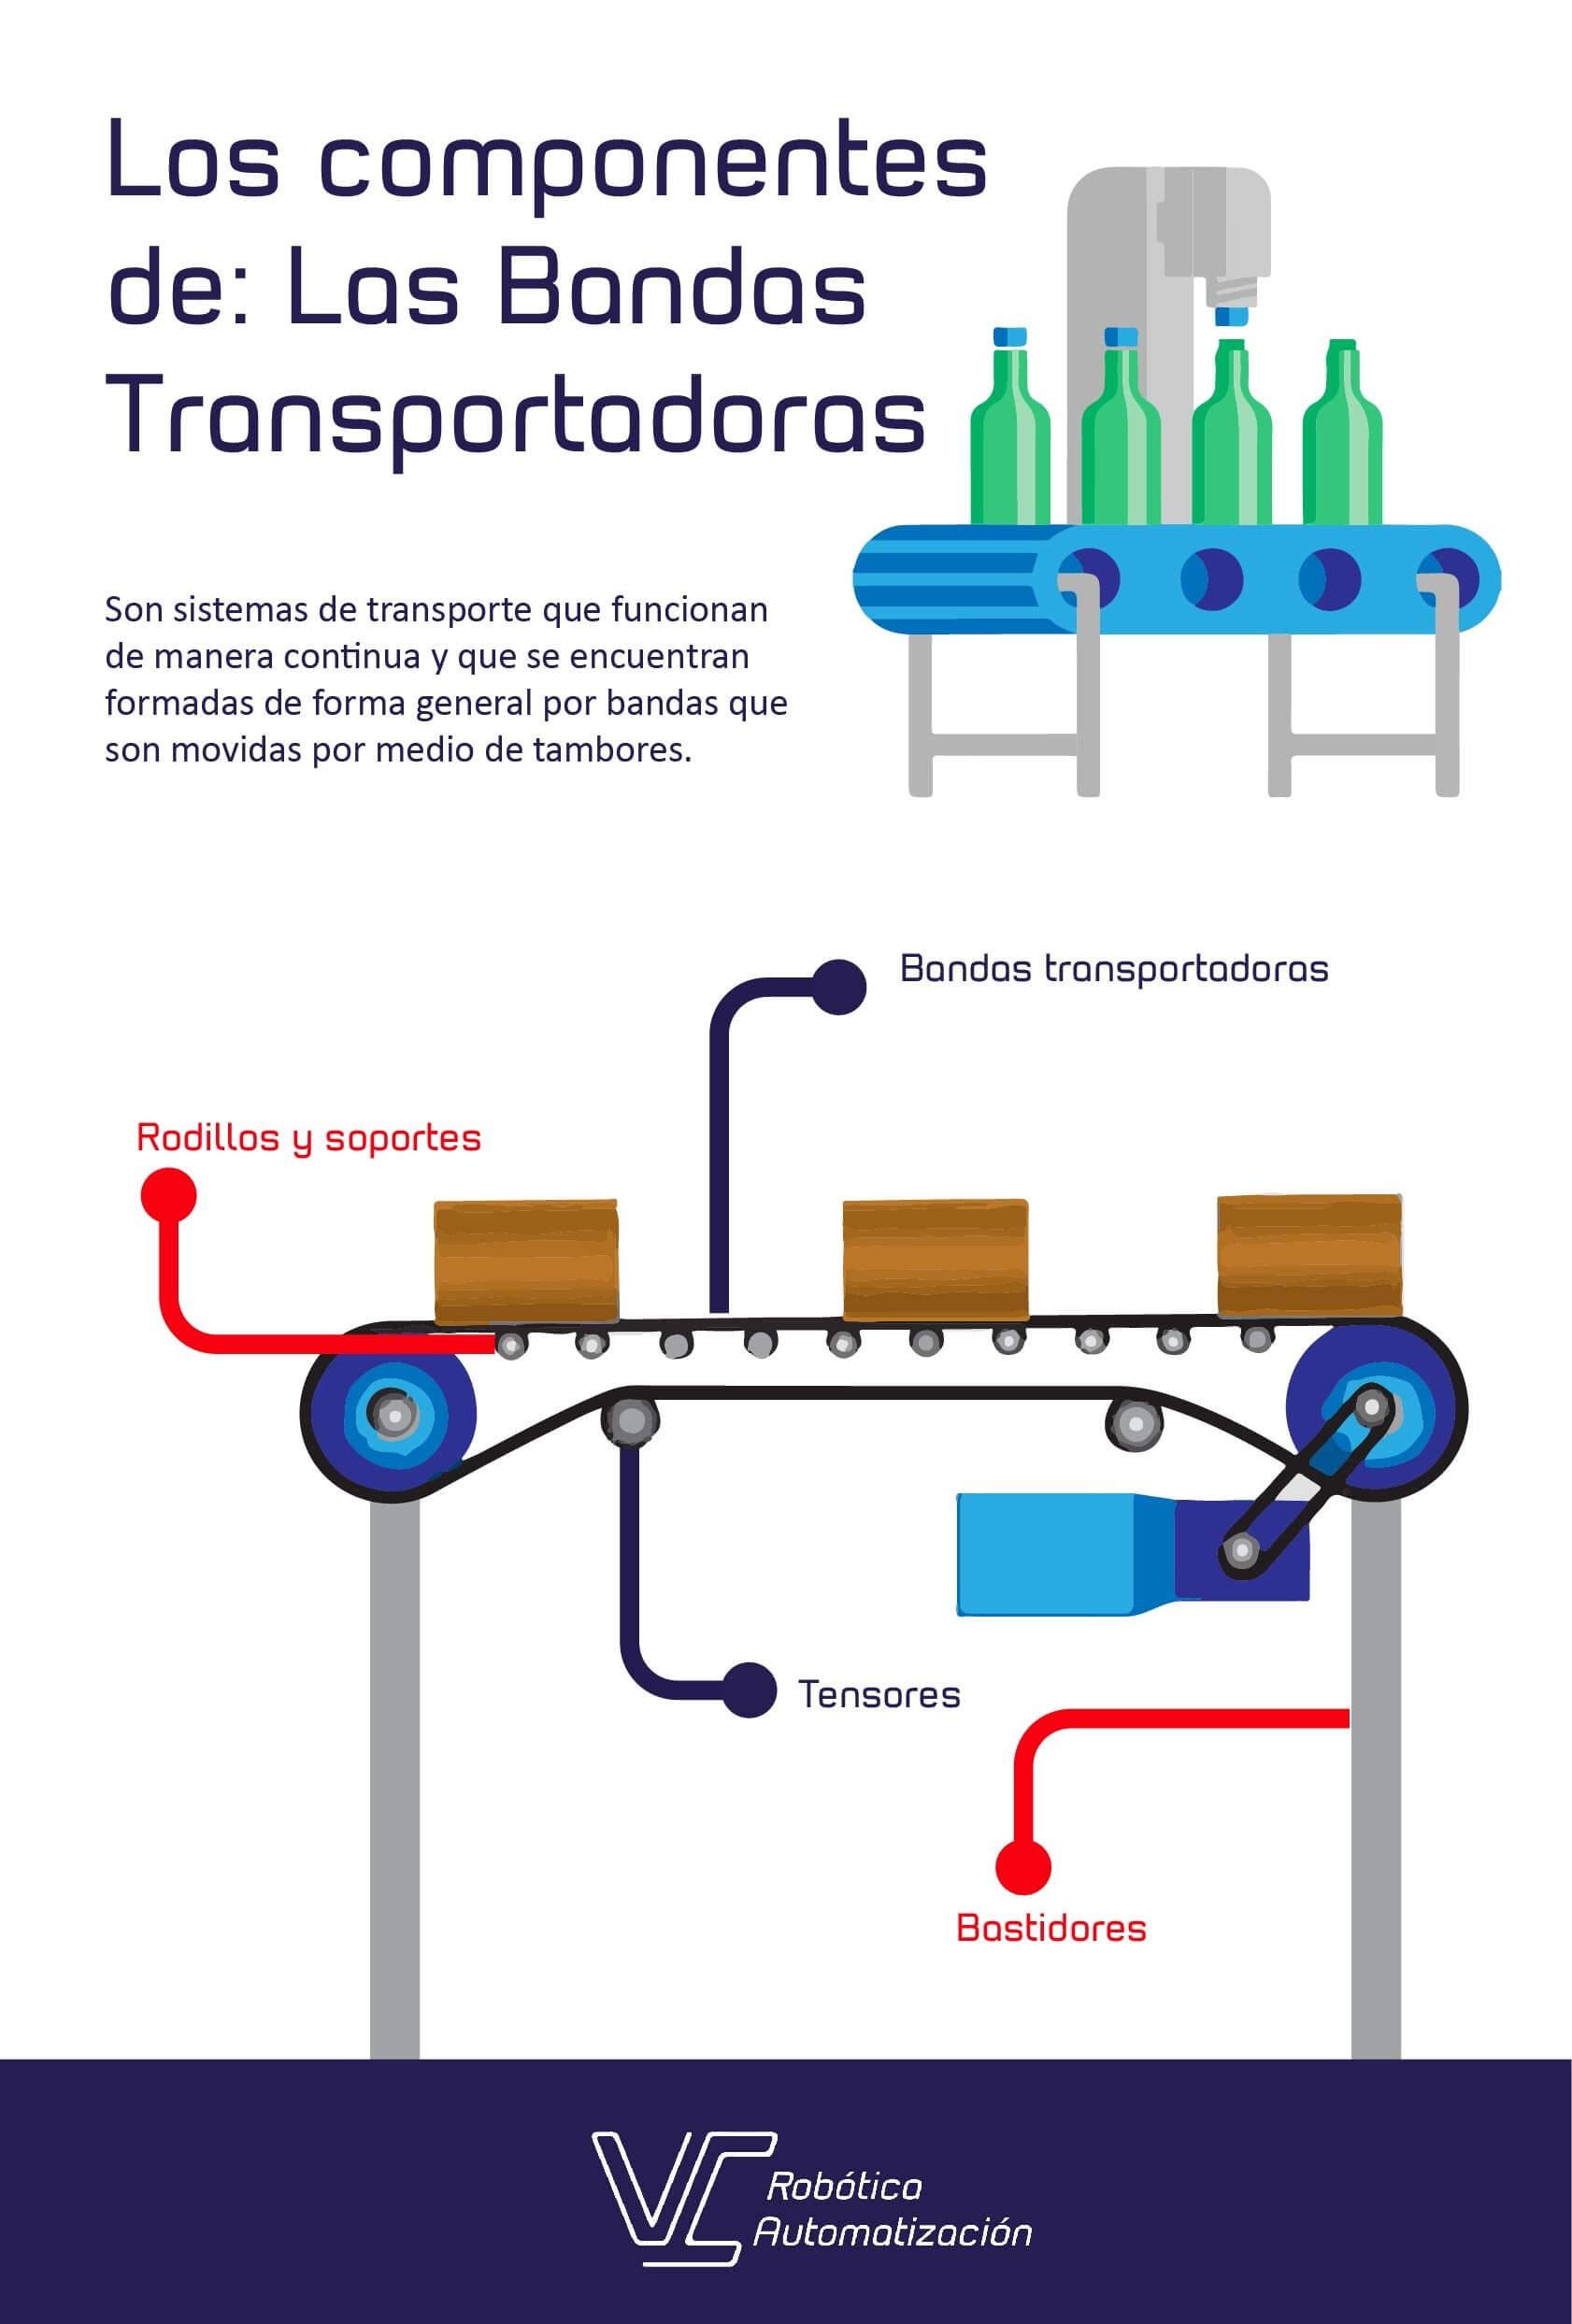 Los componentes de las bandas transportadoras